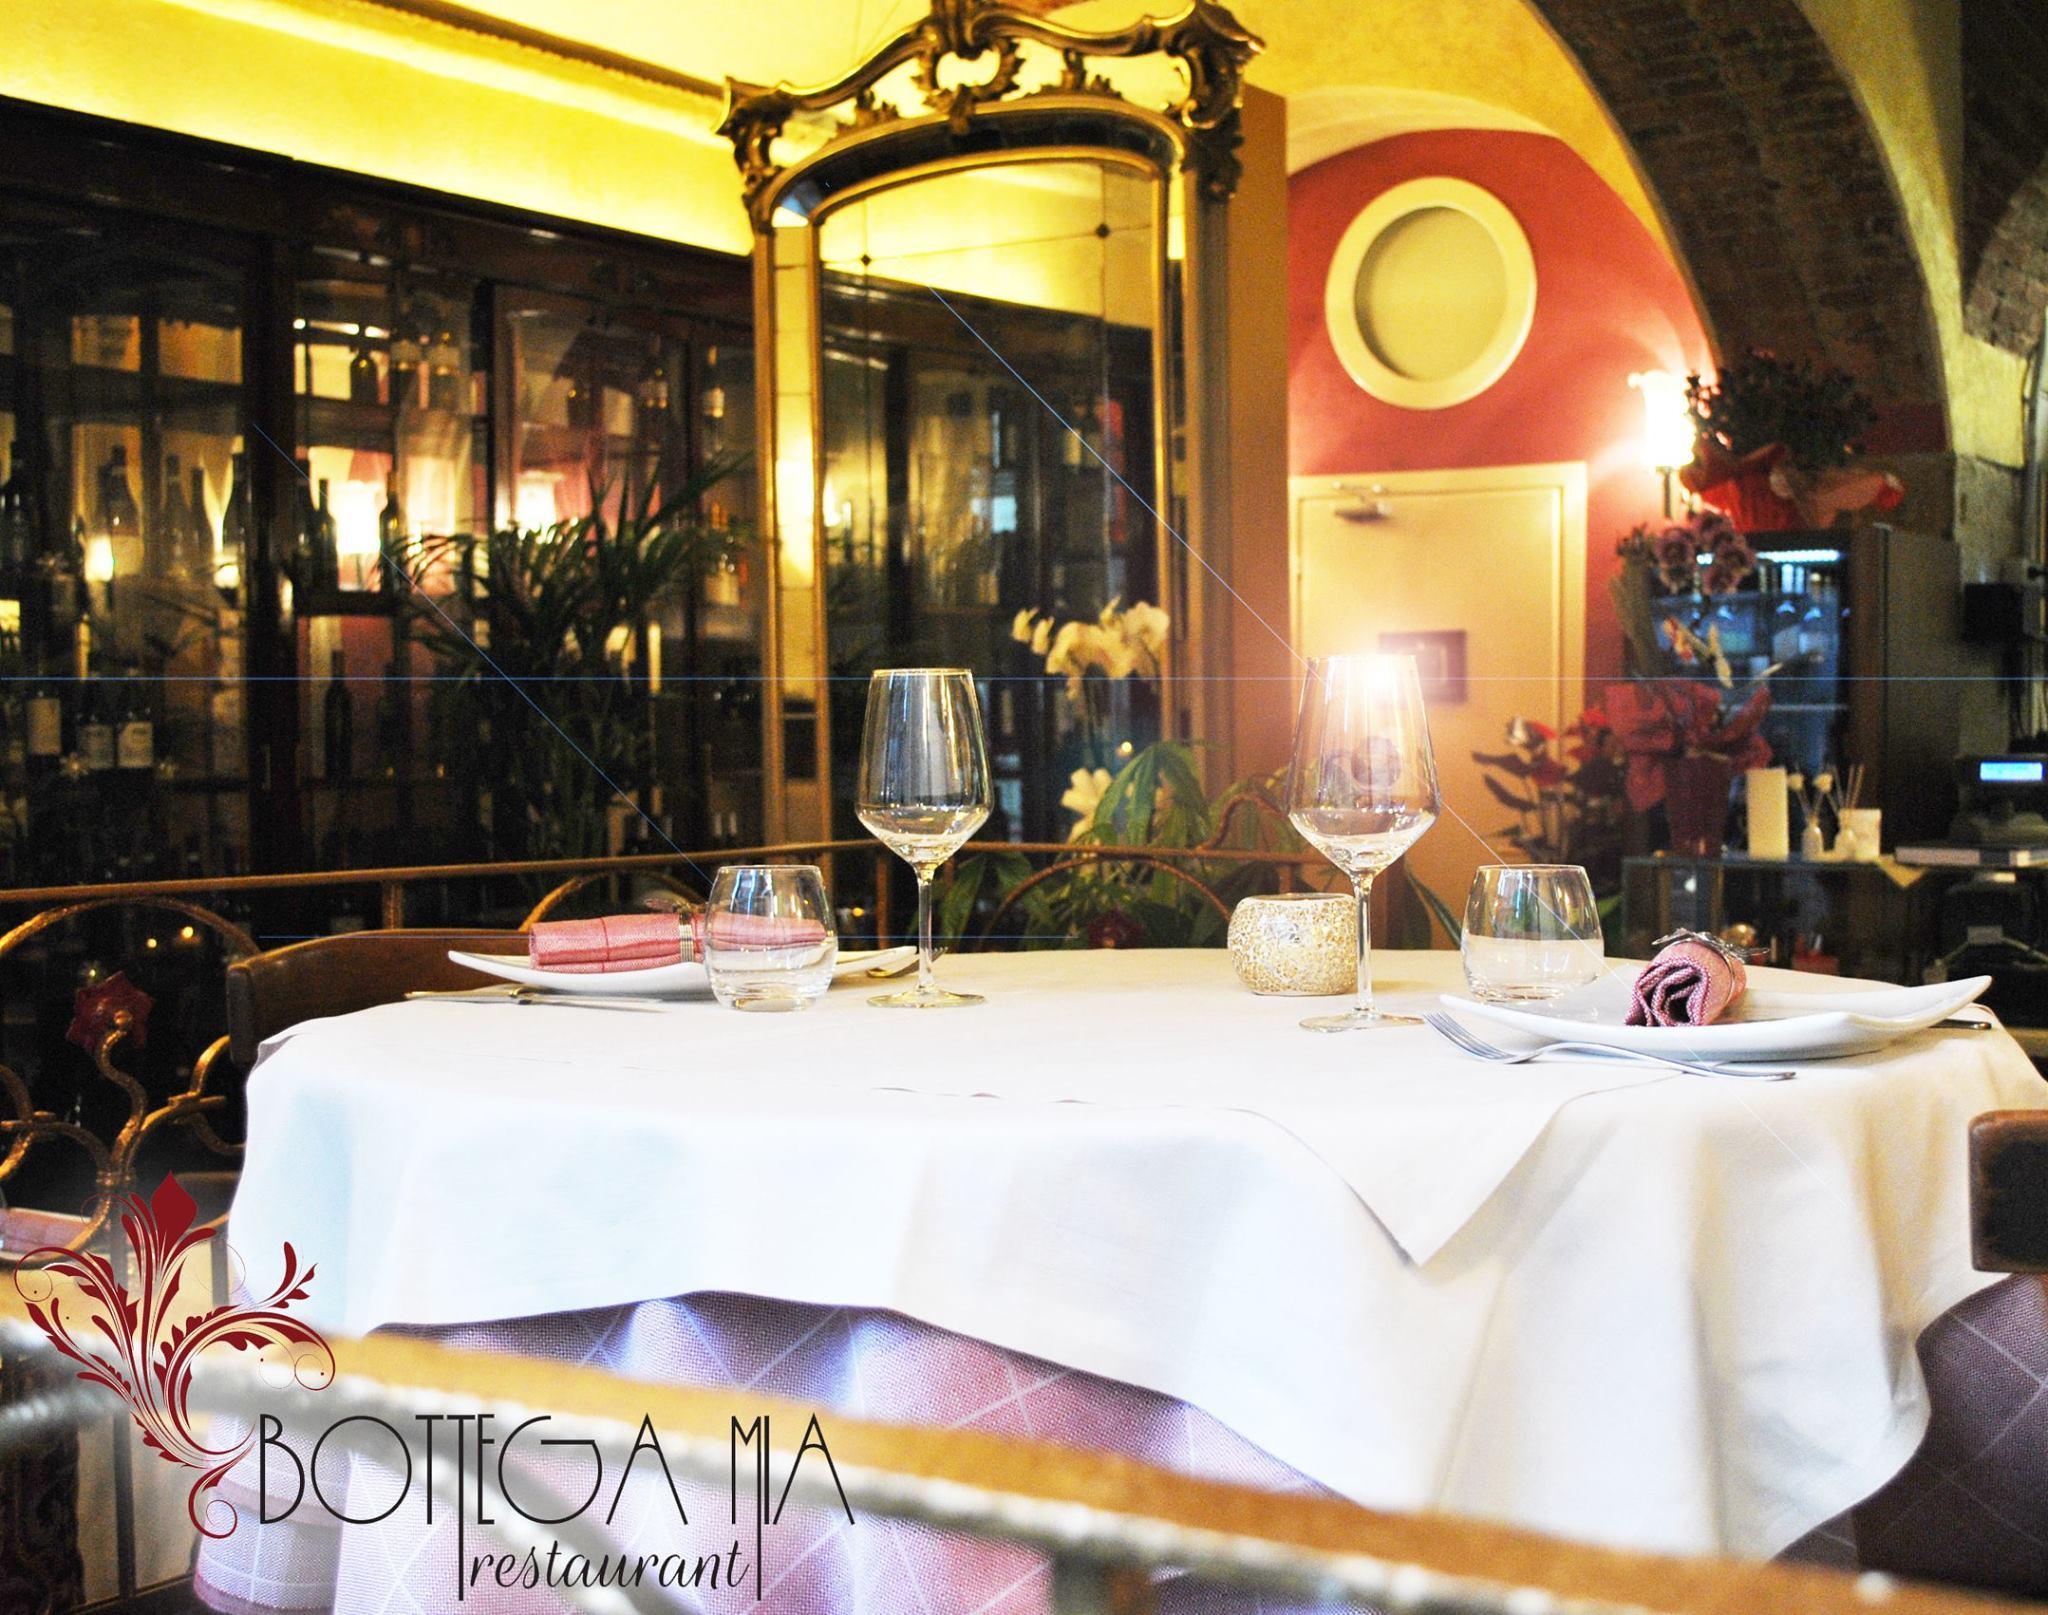 Tavolo con tovaglia bianca